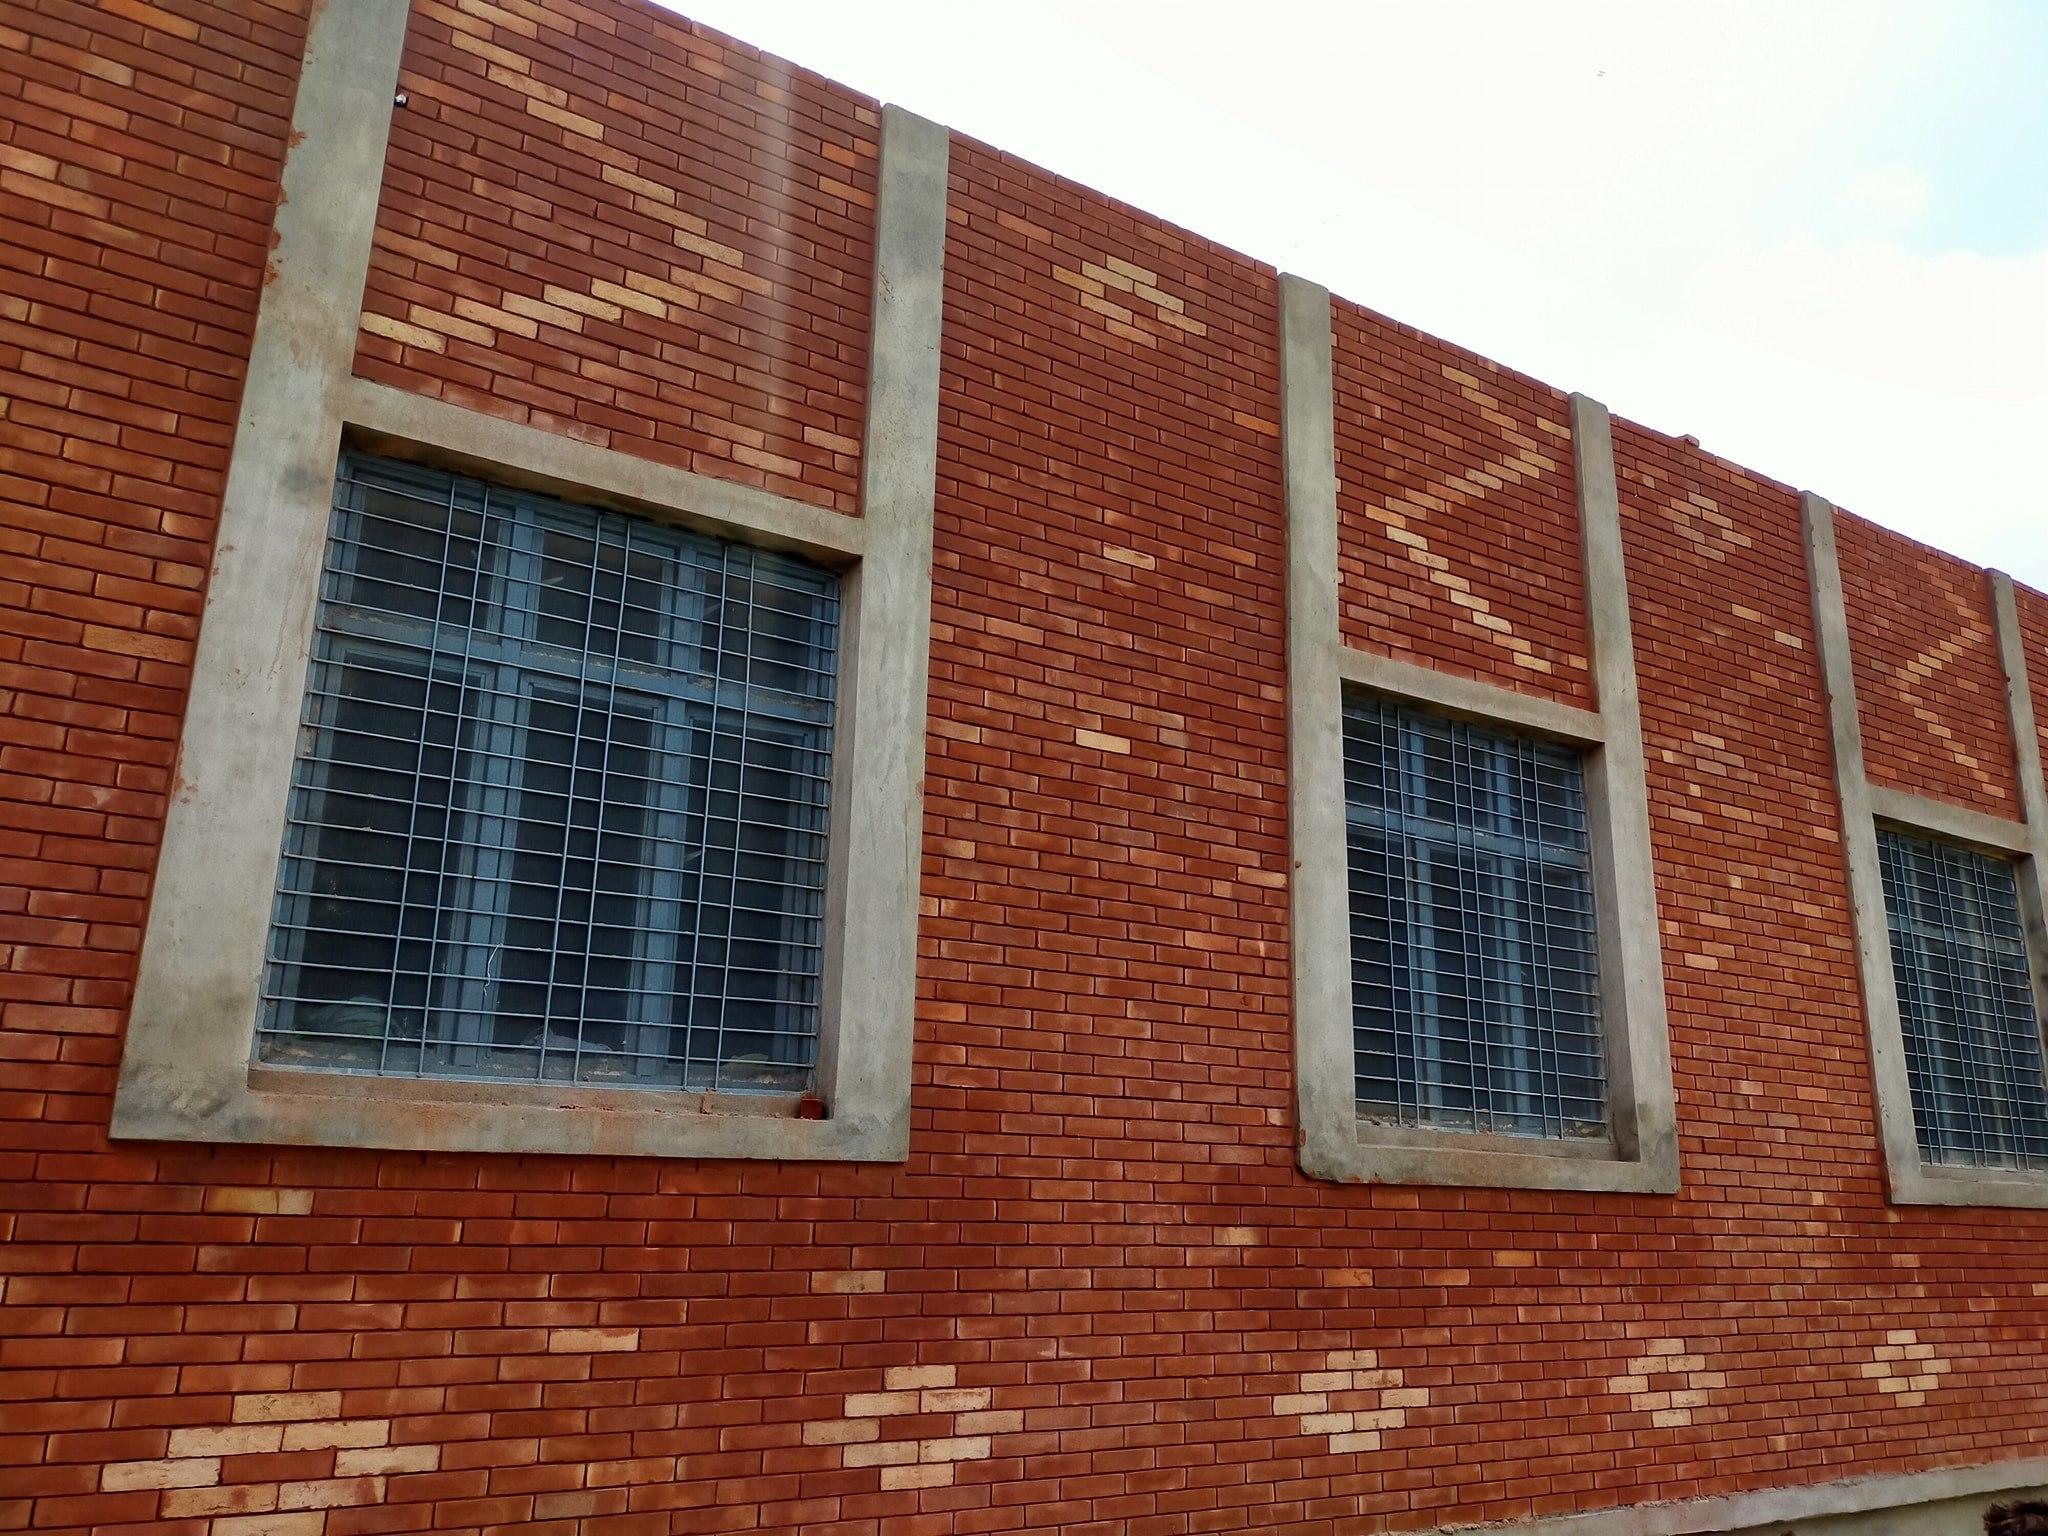 2 Lahori gutka bricks wall tiles in islamabad